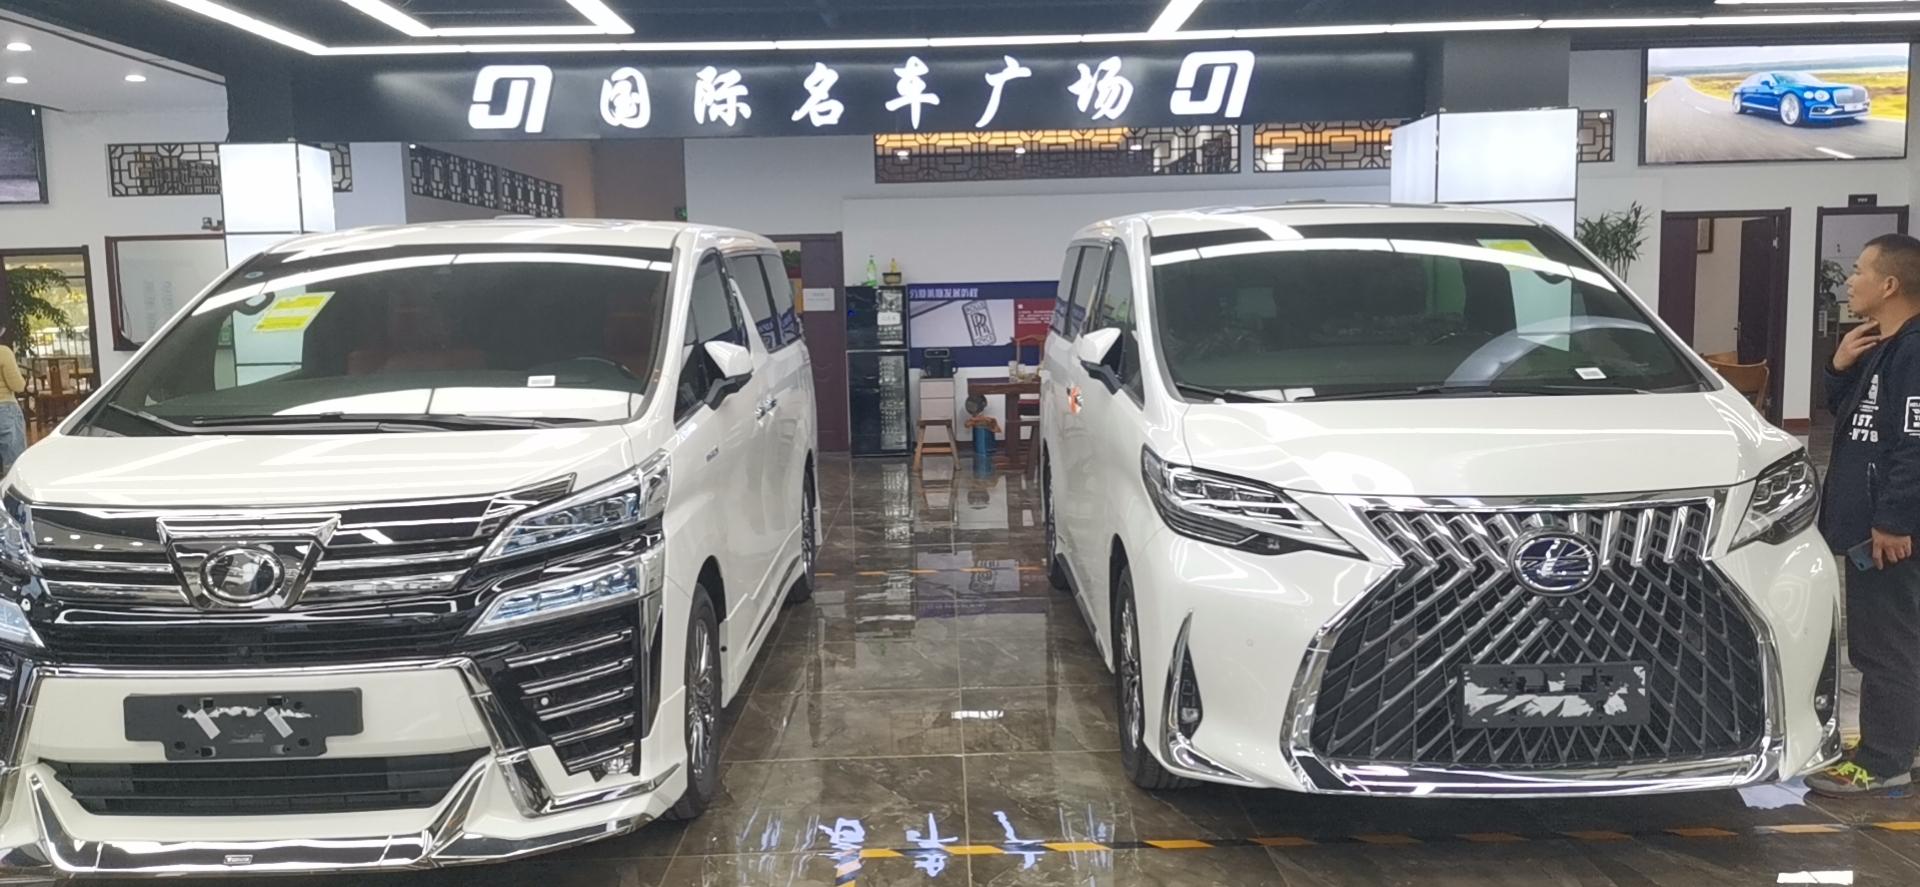 金翔国际滨海店